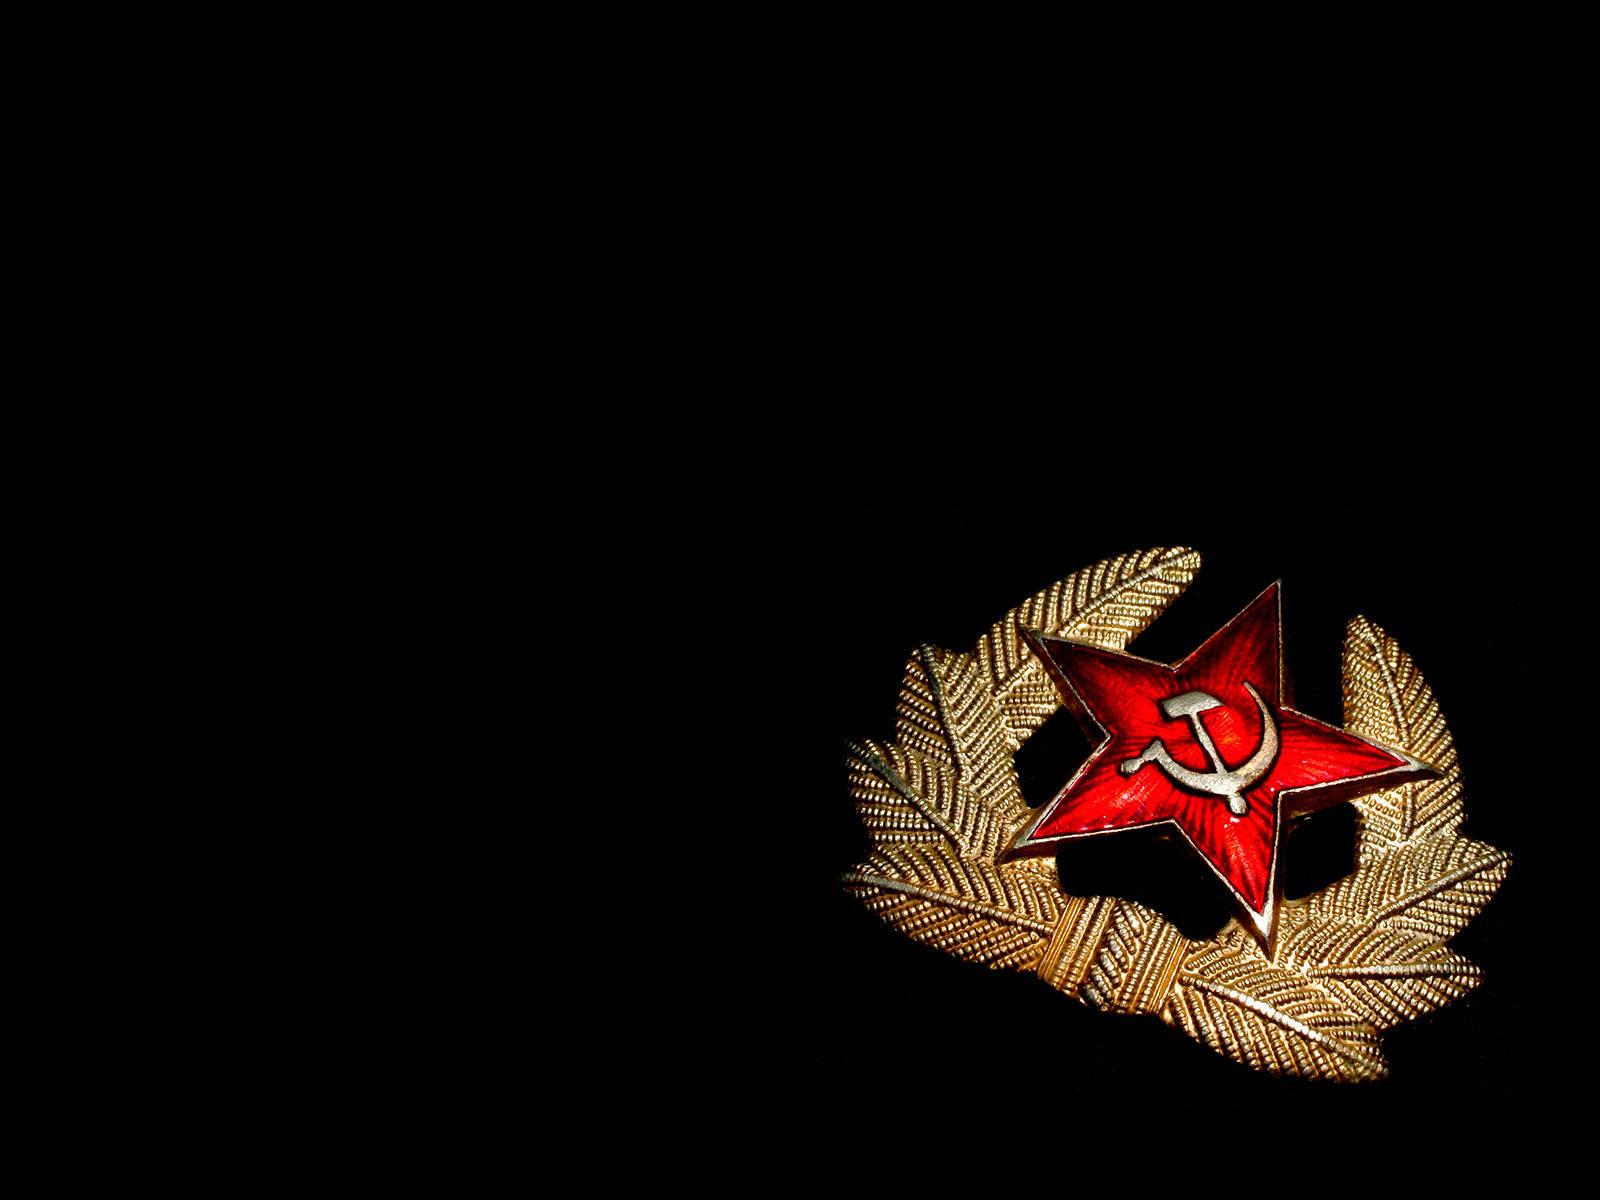 ImRussianom